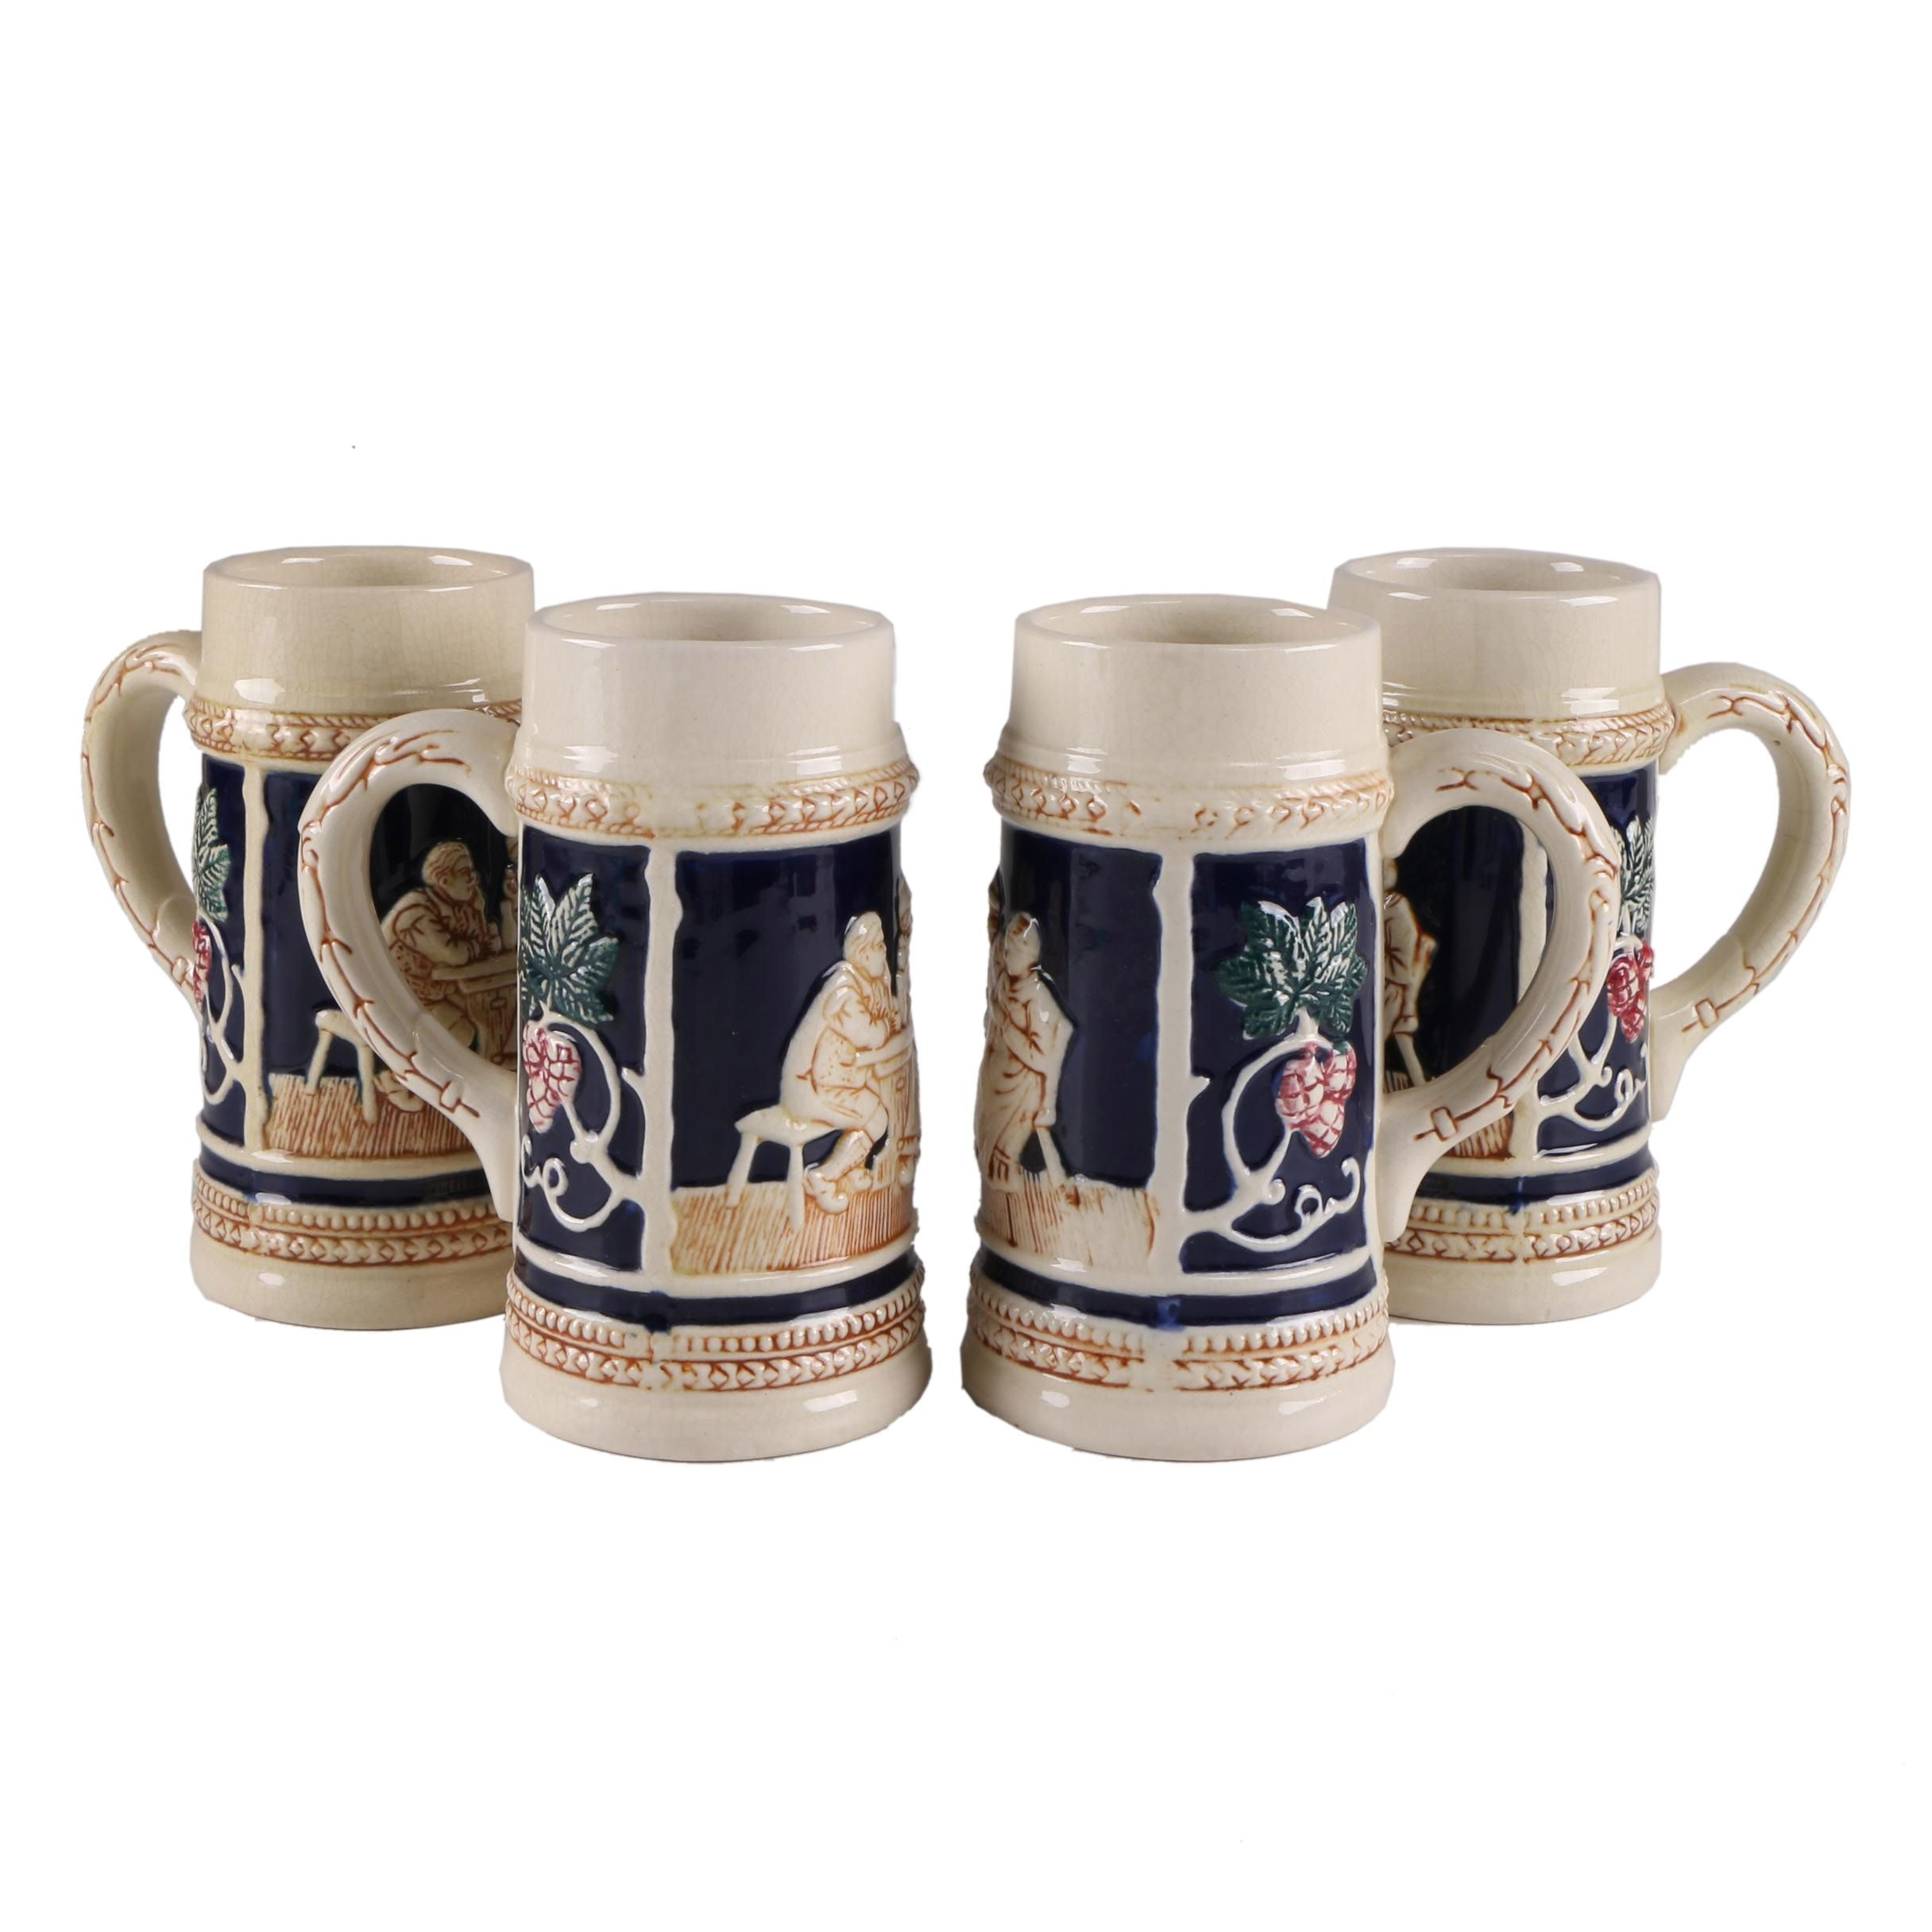 Vintage Japanese Ceramic German Inspired Beer Steins